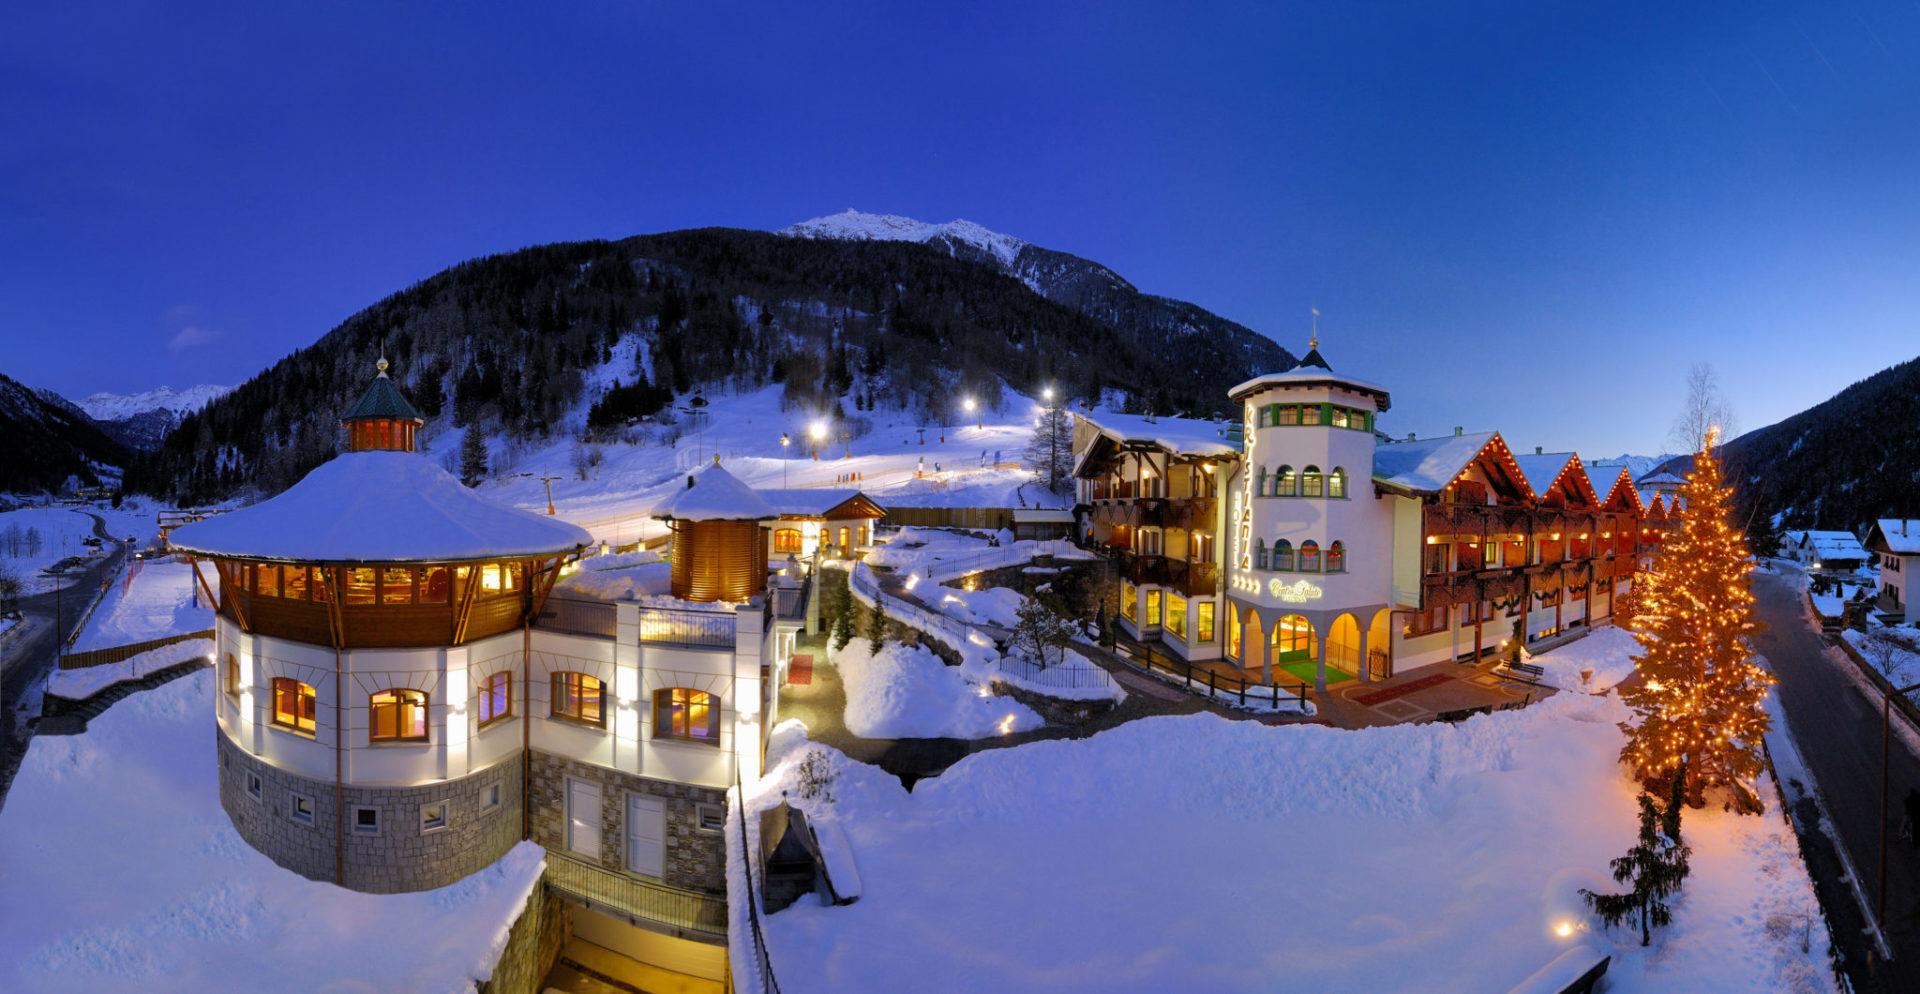 Immagine testata per Wunderschönes 4 Sterne S Hotel in Cogolo di Pejo, in Val di Sole